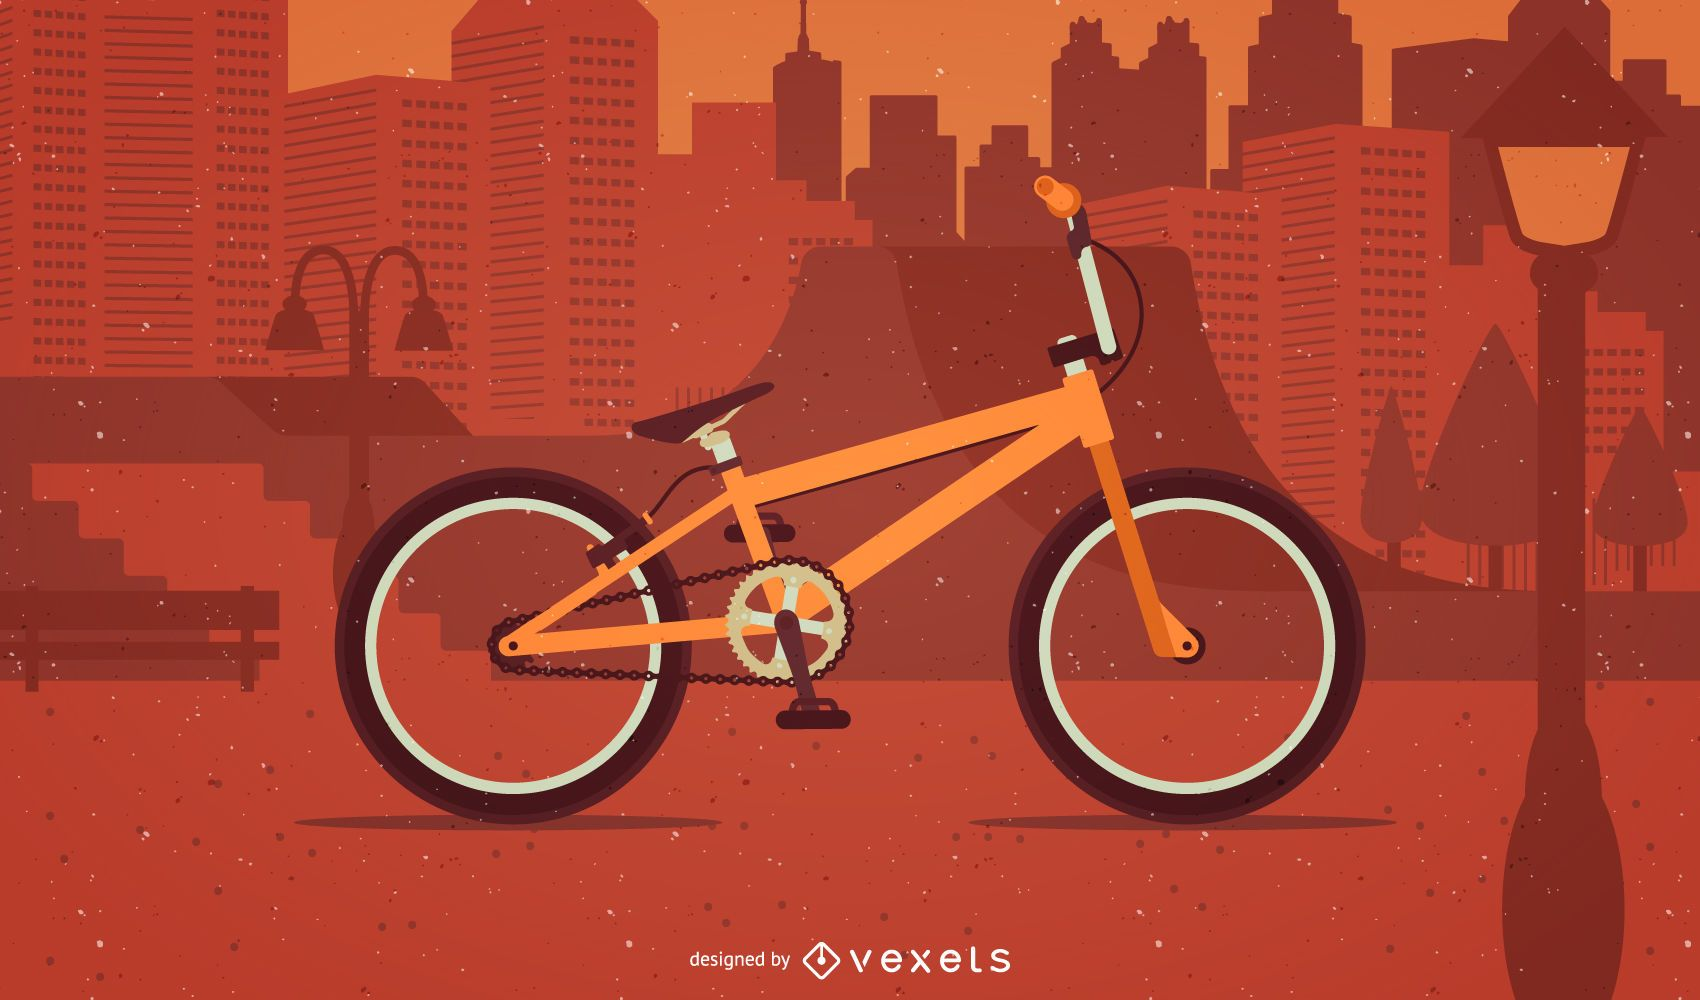 Ilustración de bicicleta plana en una ciudad